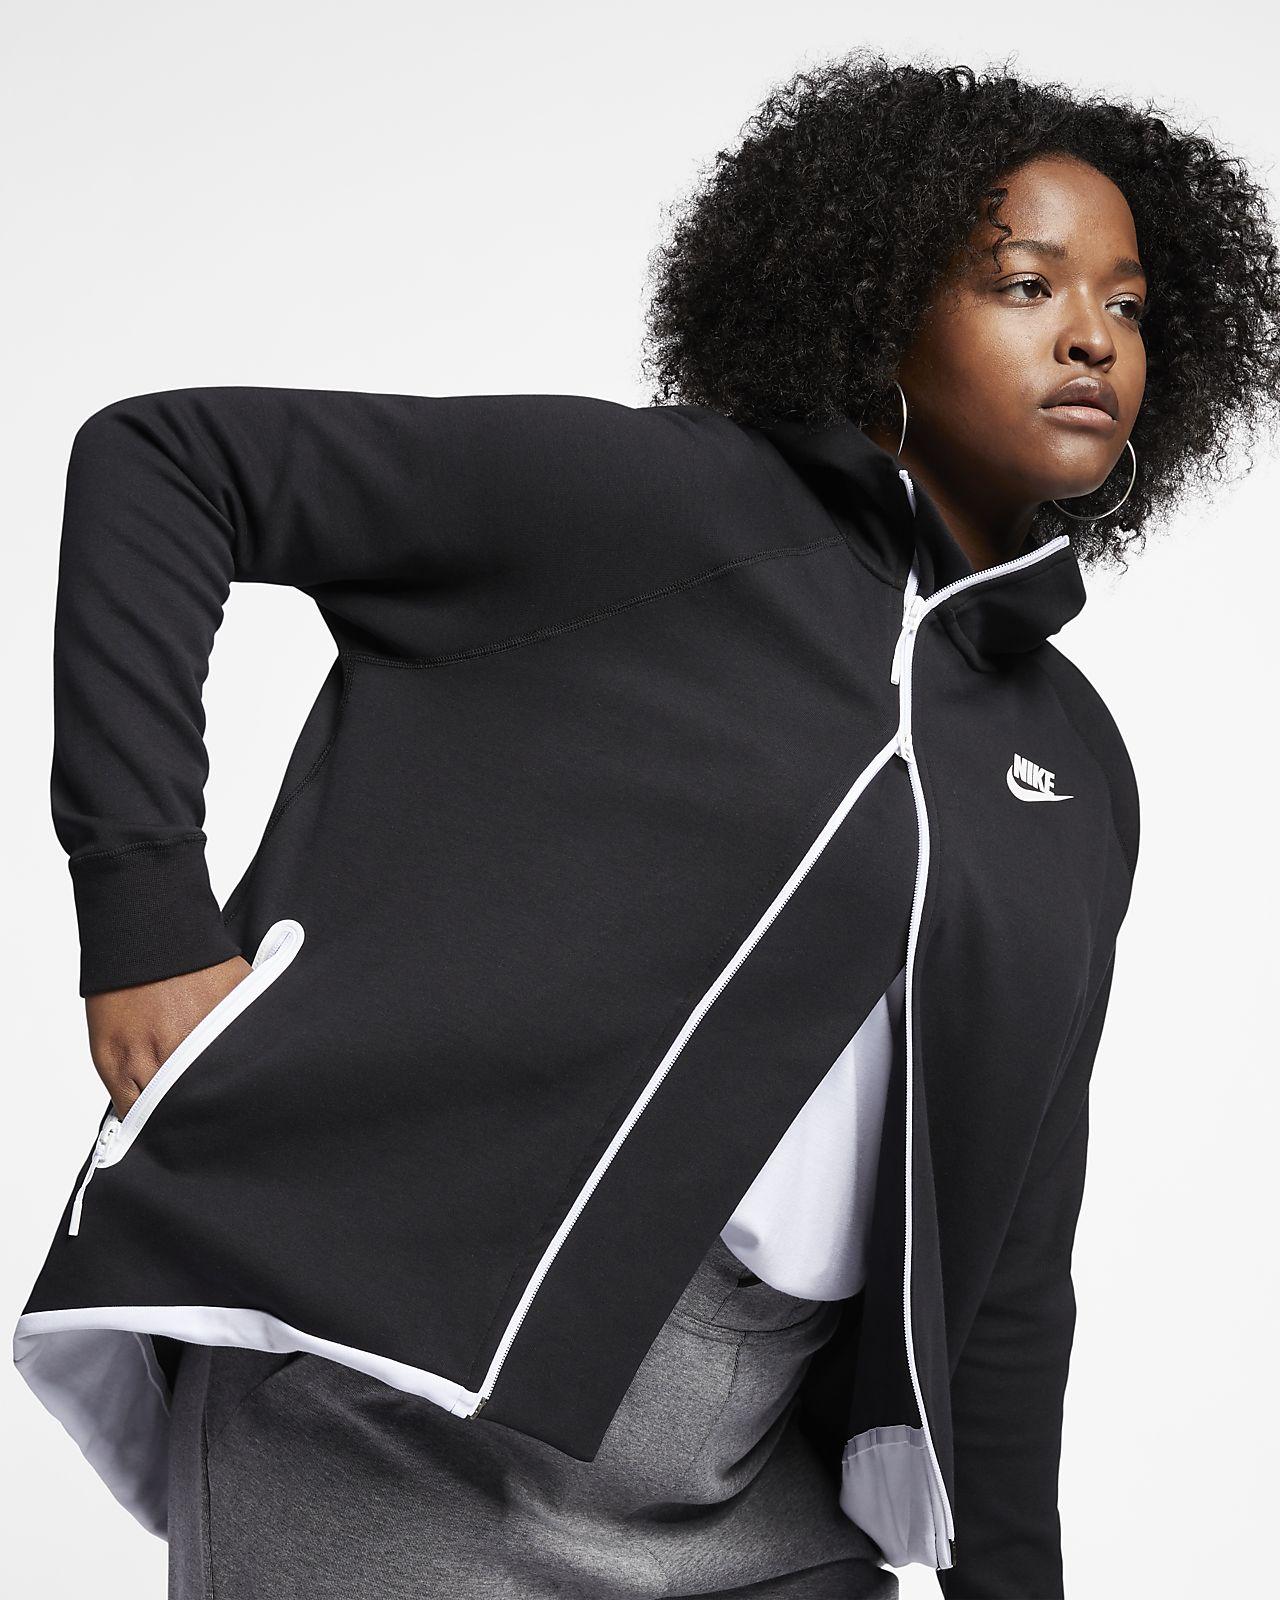 Femme Cape Fleece Nike Veste Sportswear Pour Tech Entièrement Zippée Axwfxq6H